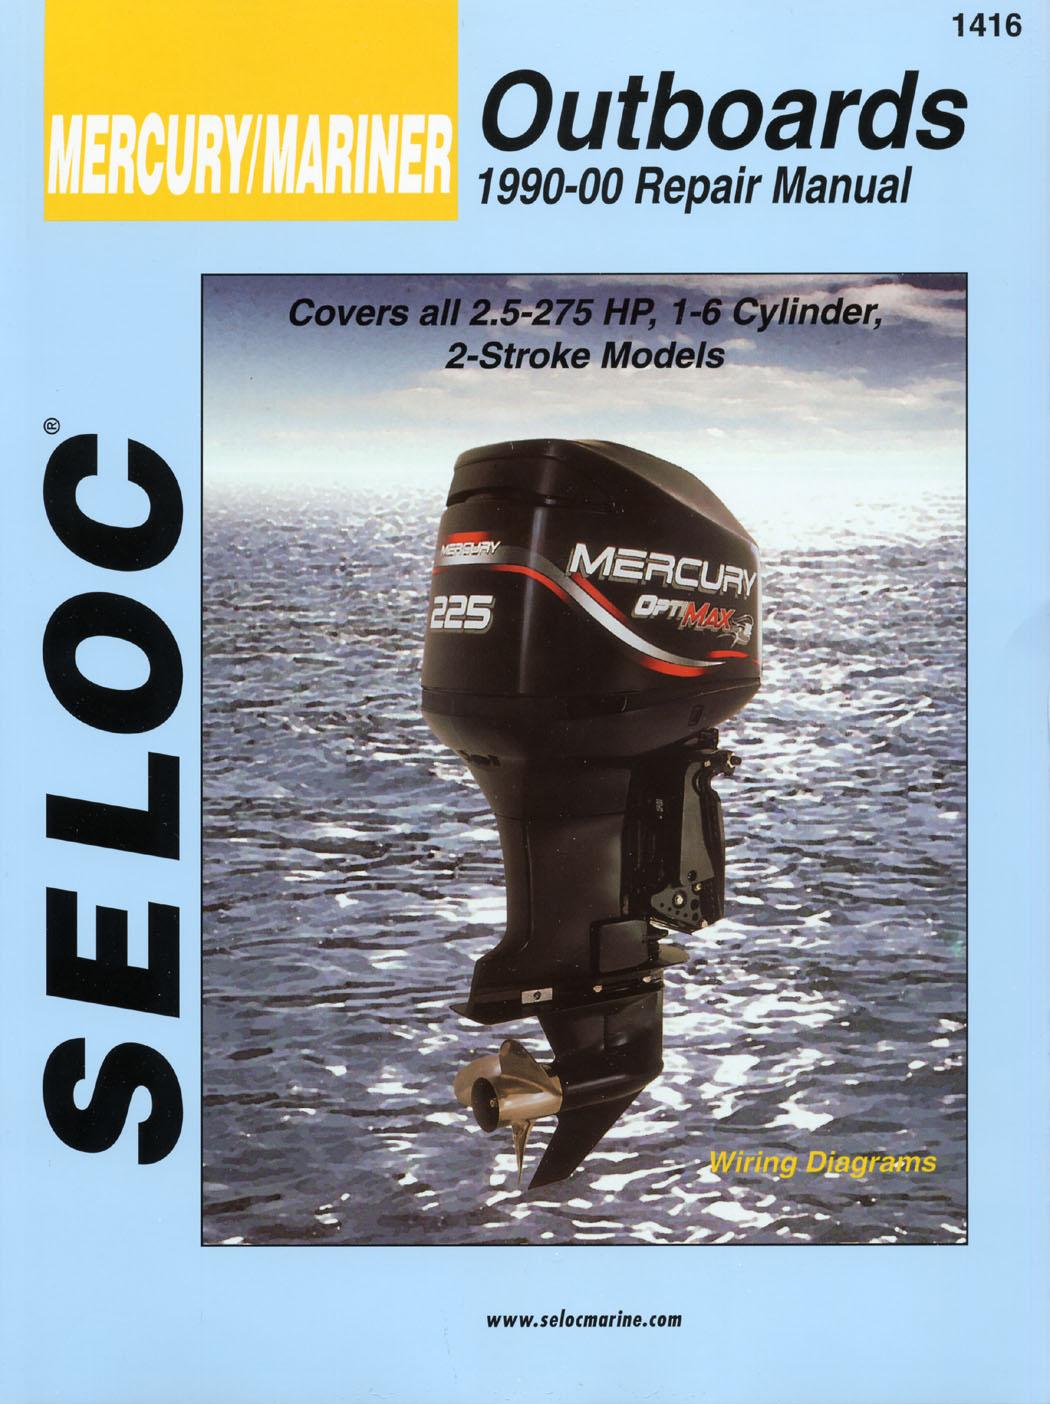 Seloc marine shop repair manual 1416 mercury mariner 2 for Outboard motor repair shop